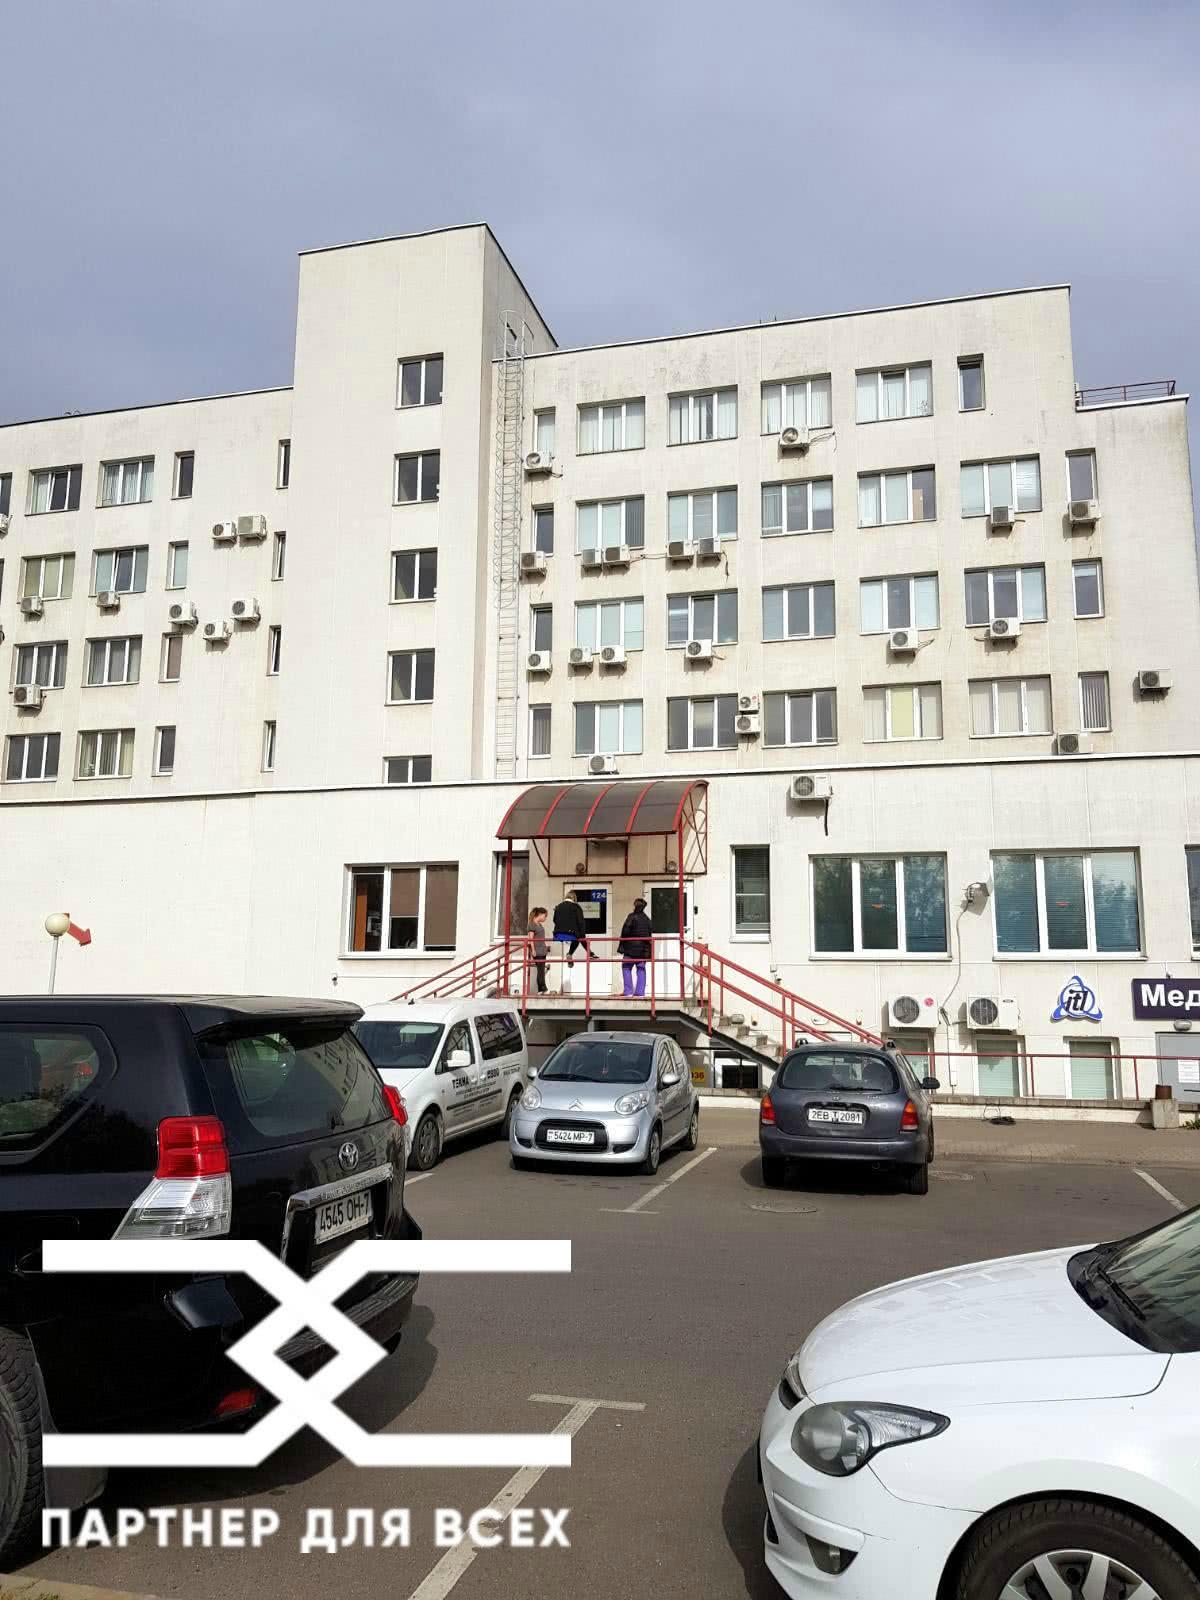 Продажа офиса на ул. Пономаренко, д. 35/А в Минске - фото 6